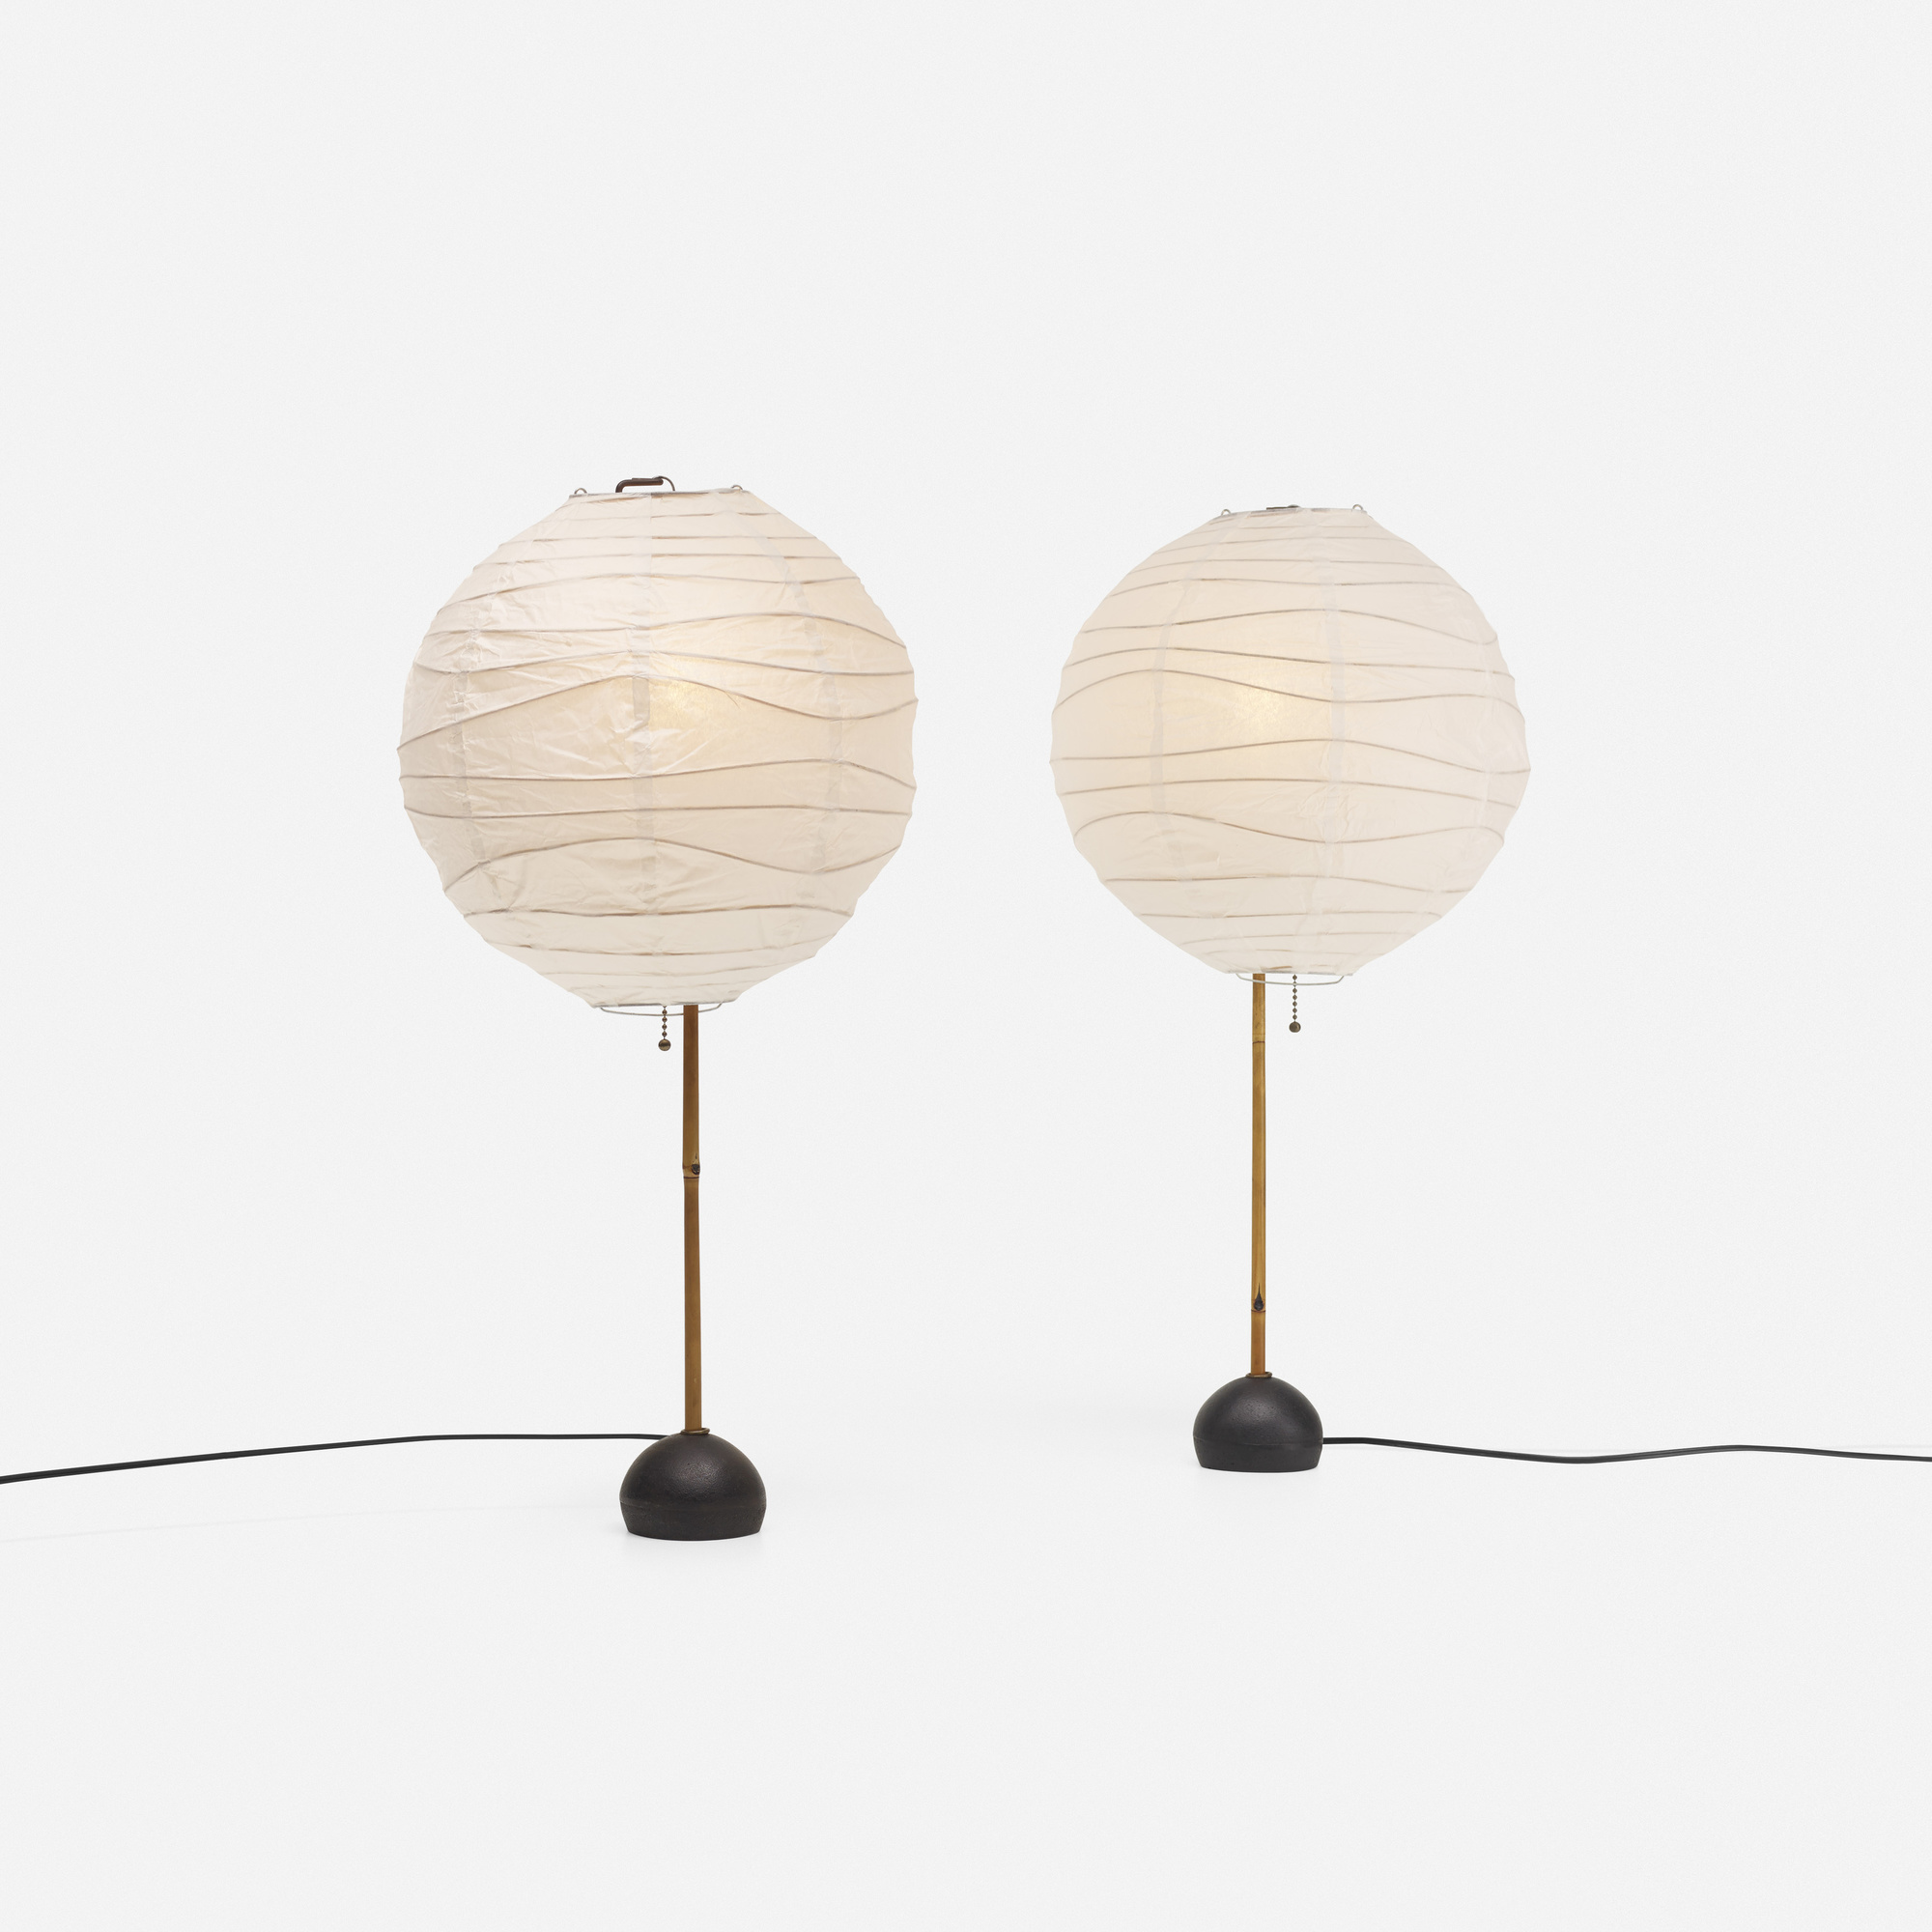 207: Isamu Noguchi / Akari table lamps, pair (1 of 3)